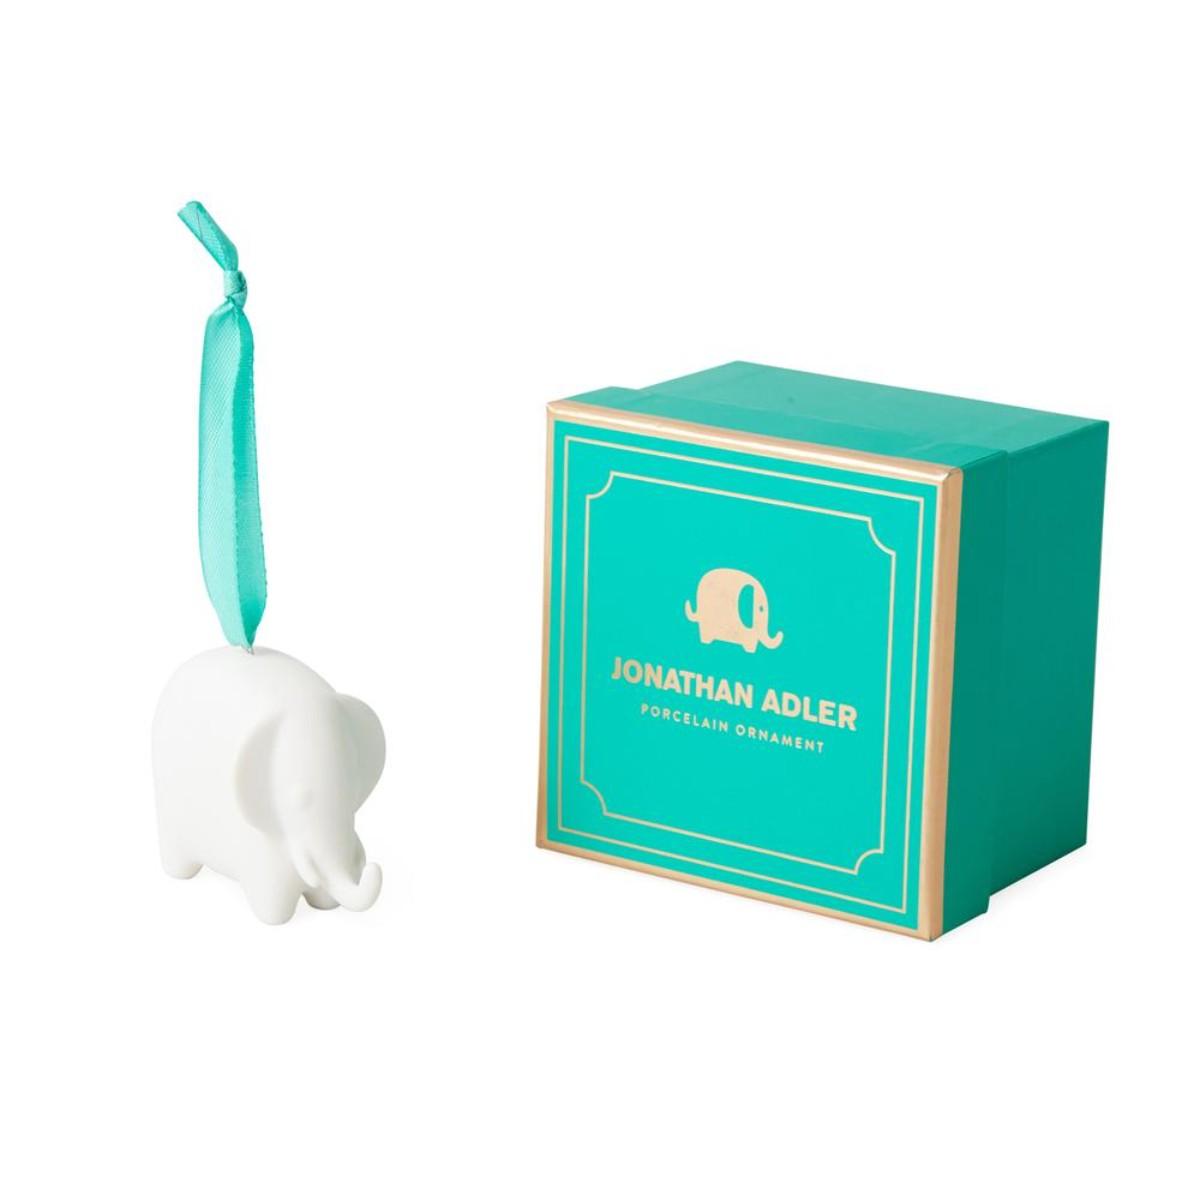 Jonathan Adler I Elephant Ornament